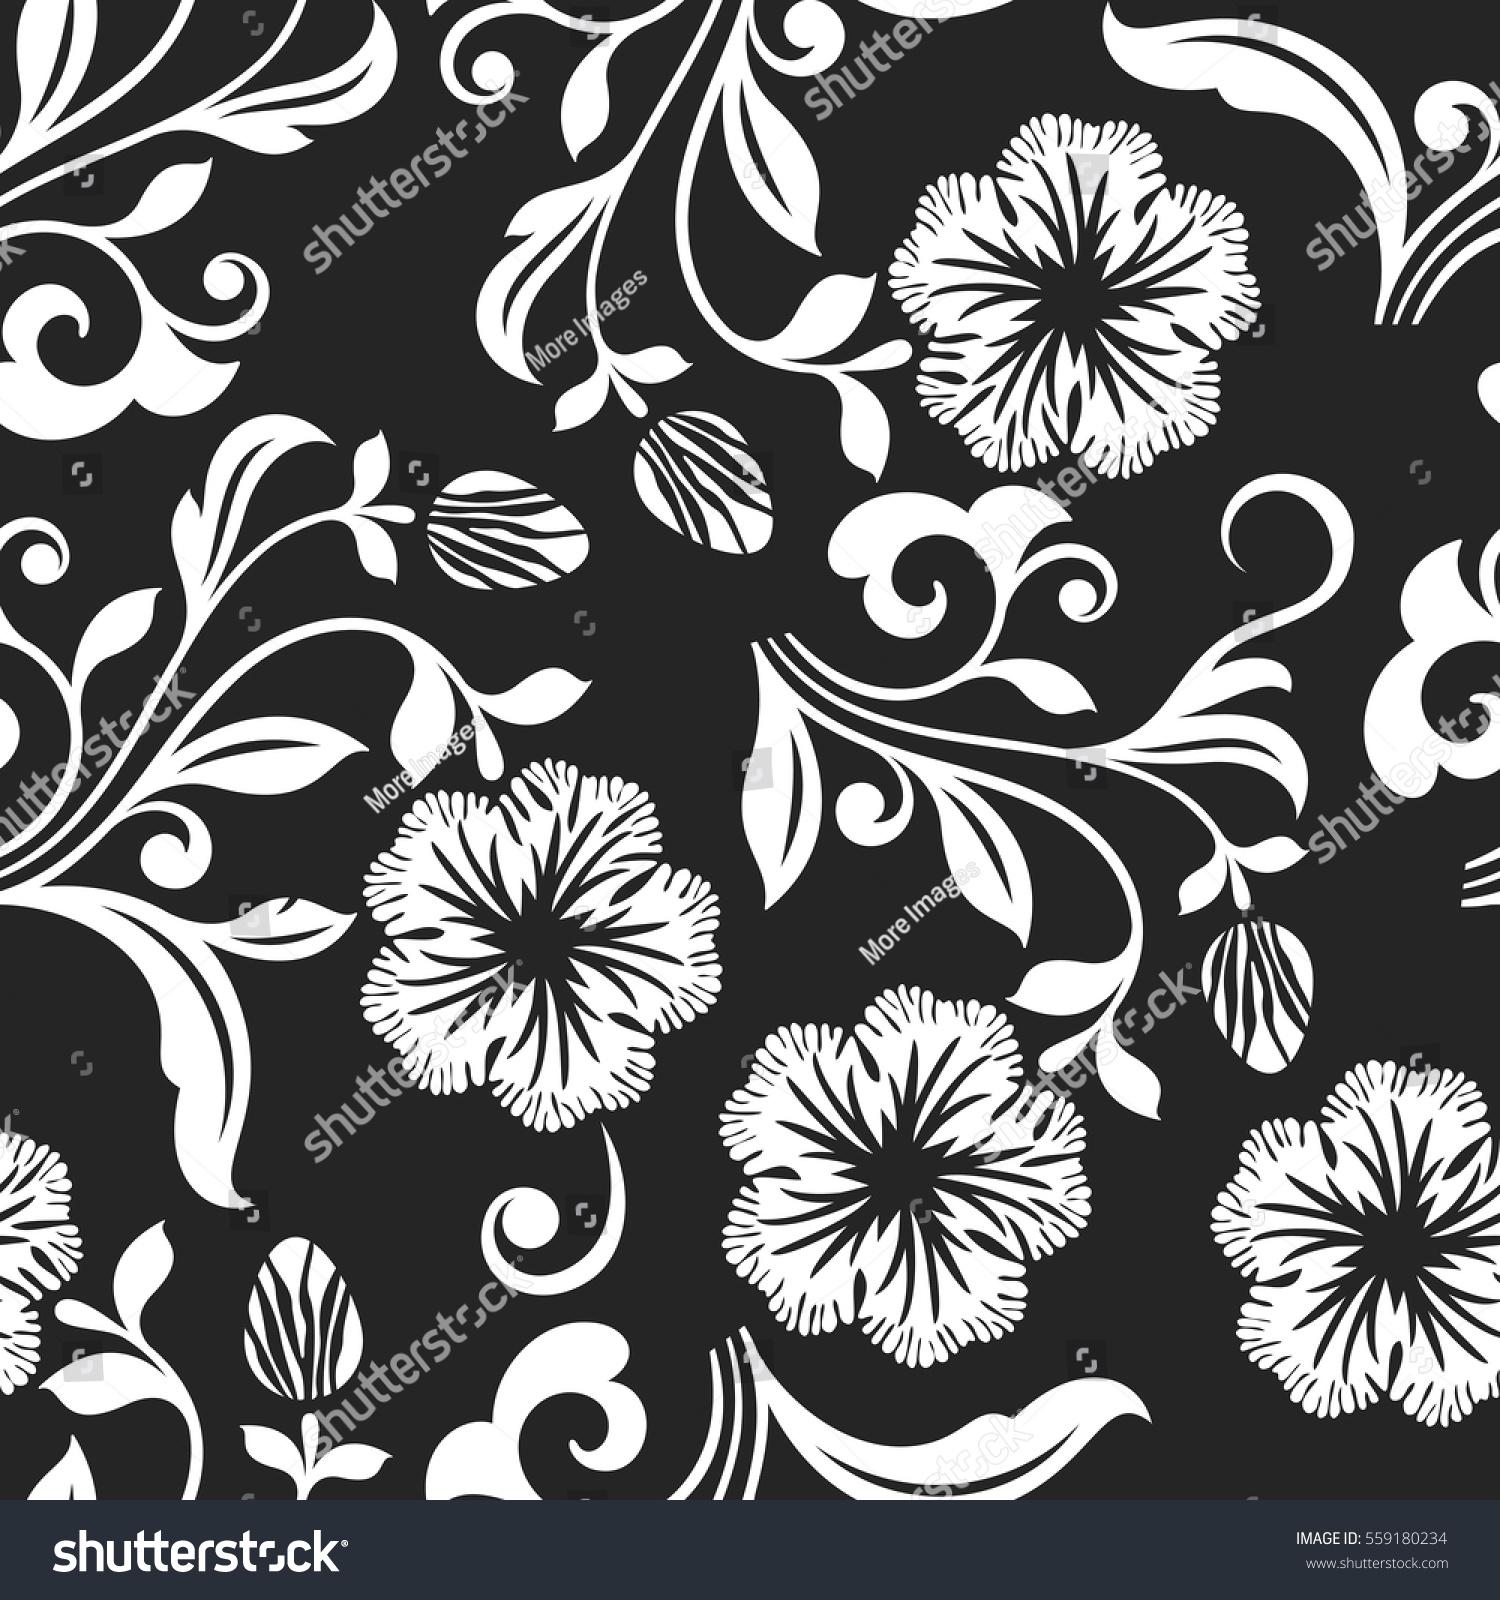 Seamless Black White Flower Vector Background Stock Vector Royalty